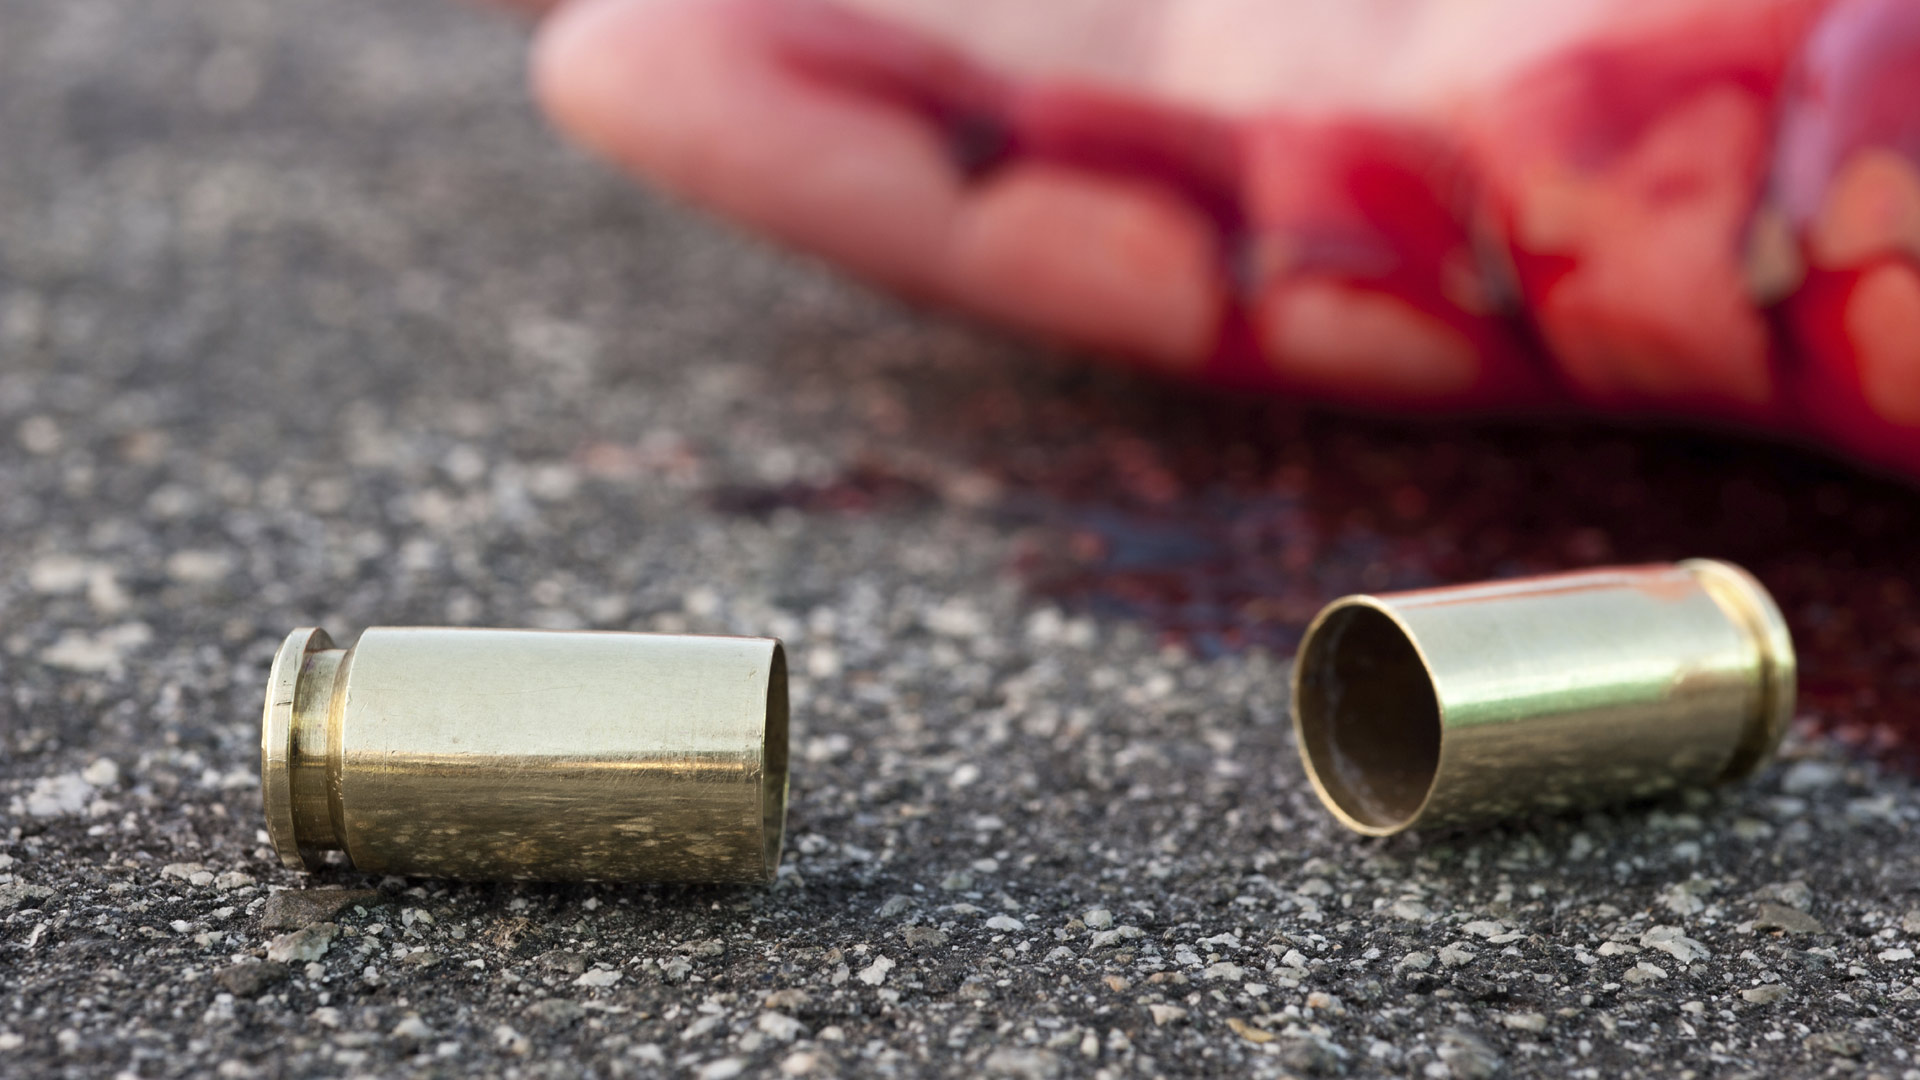 Tras el asesinato de un joven, la comunidad buscó a su asesino y lo golpearon hasta que falleció